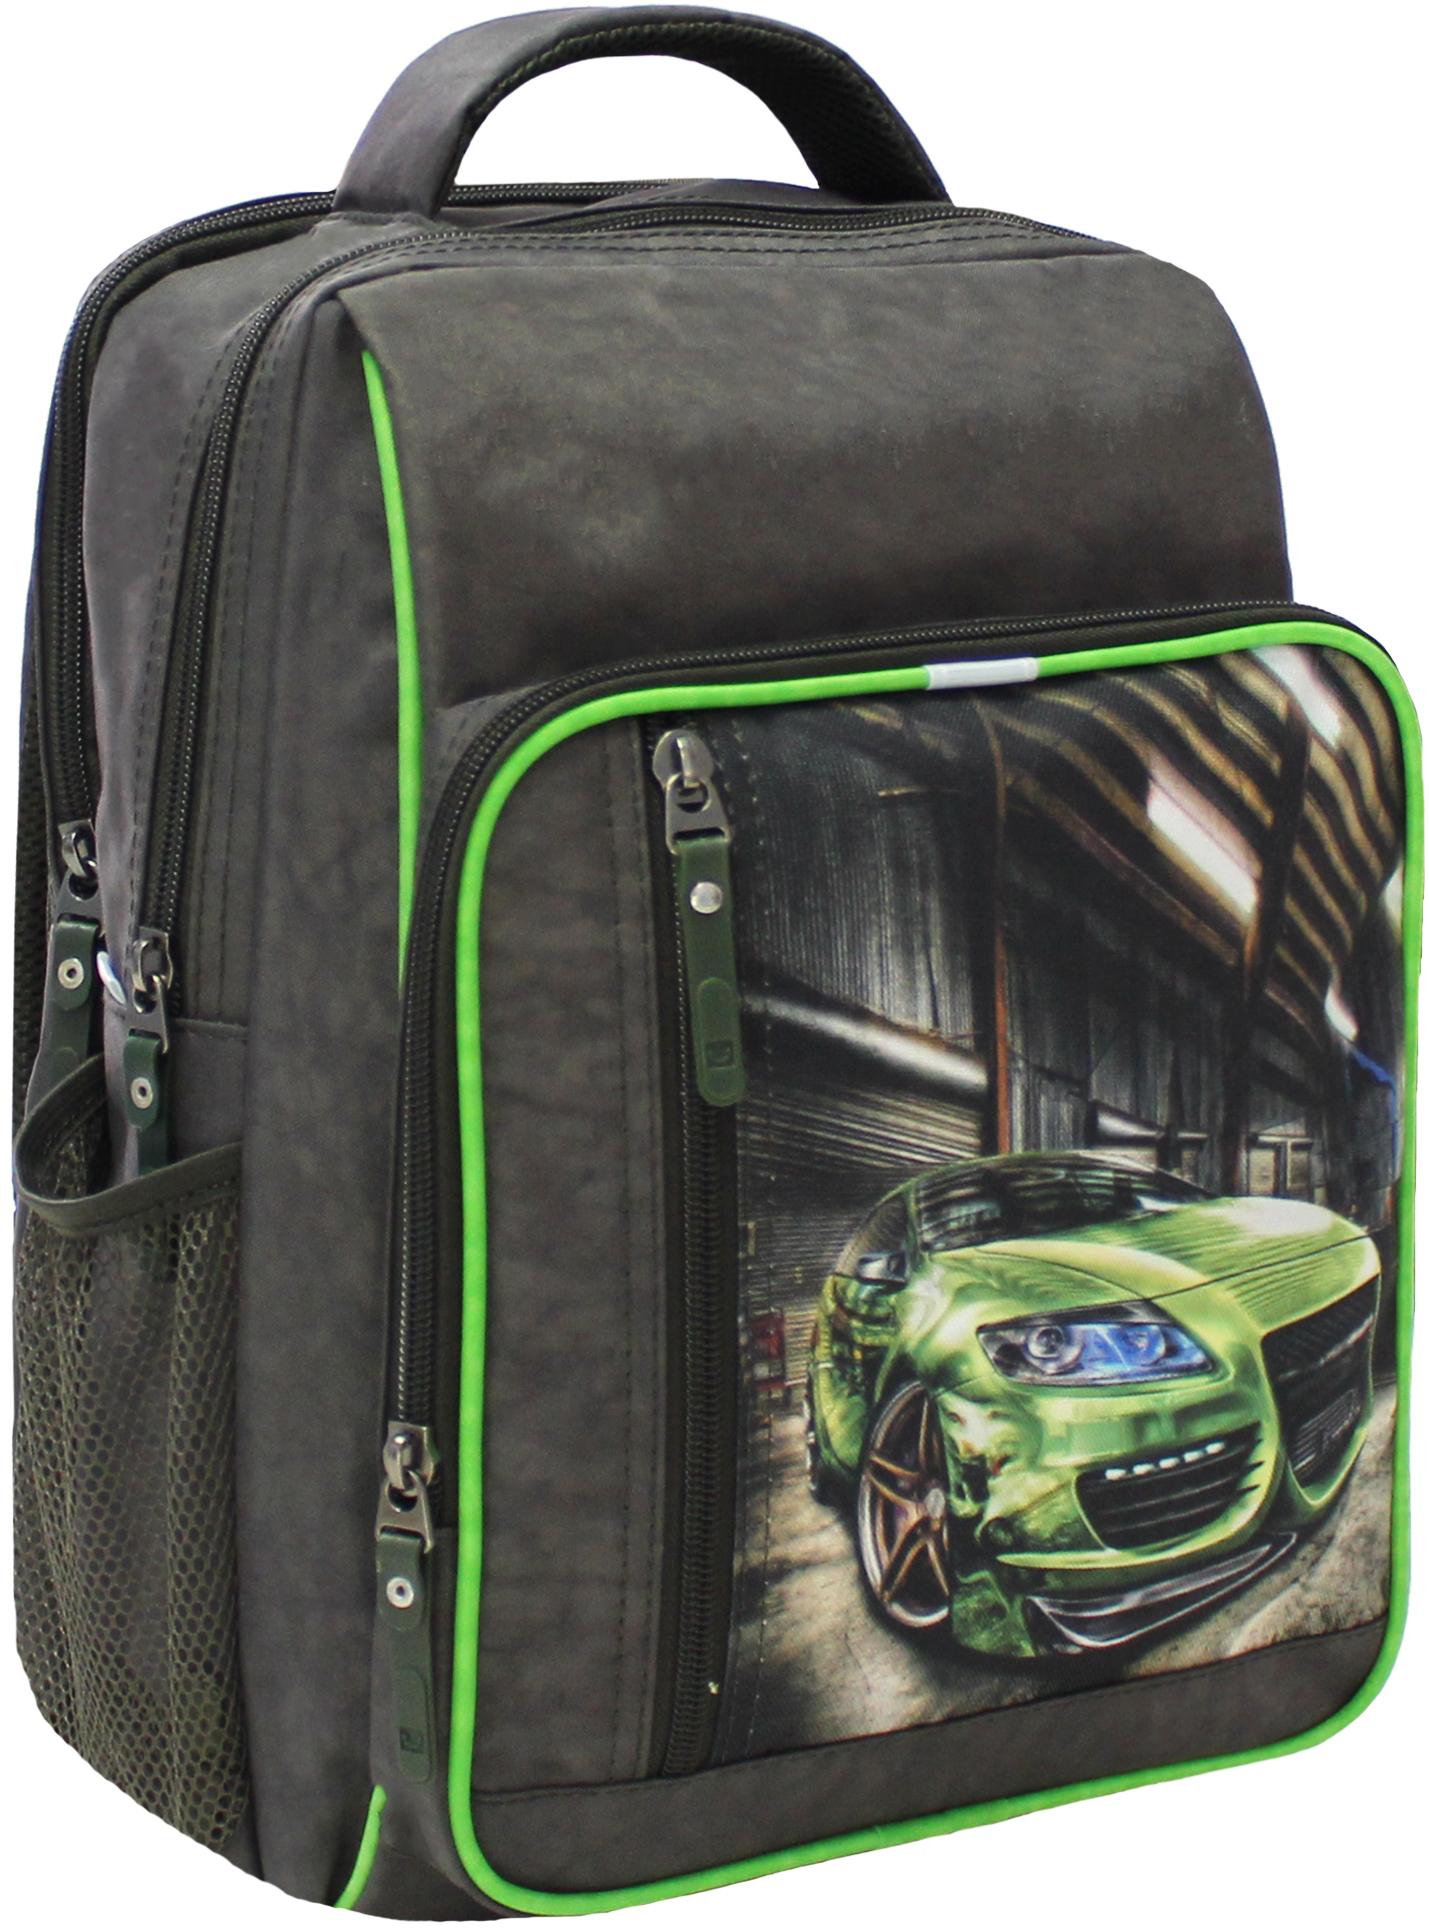 Школьные рюкзаки Рюкзак школьный Bagland Школьник 8 л. Хаки (54м) (00112702) IMG_5334.JPG